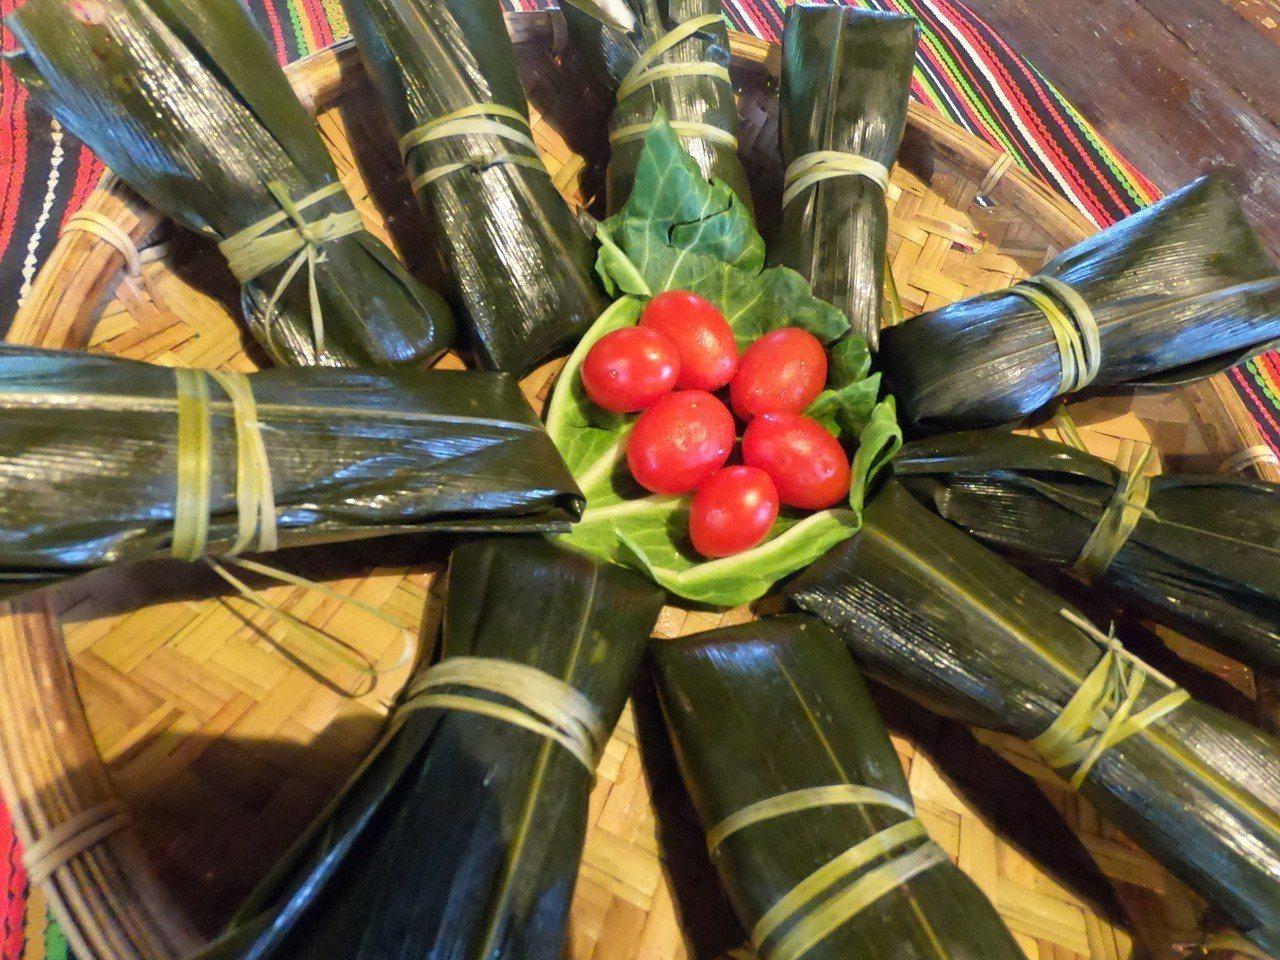 阿里山鄒族部落美食。圖/阿里山管理處提供